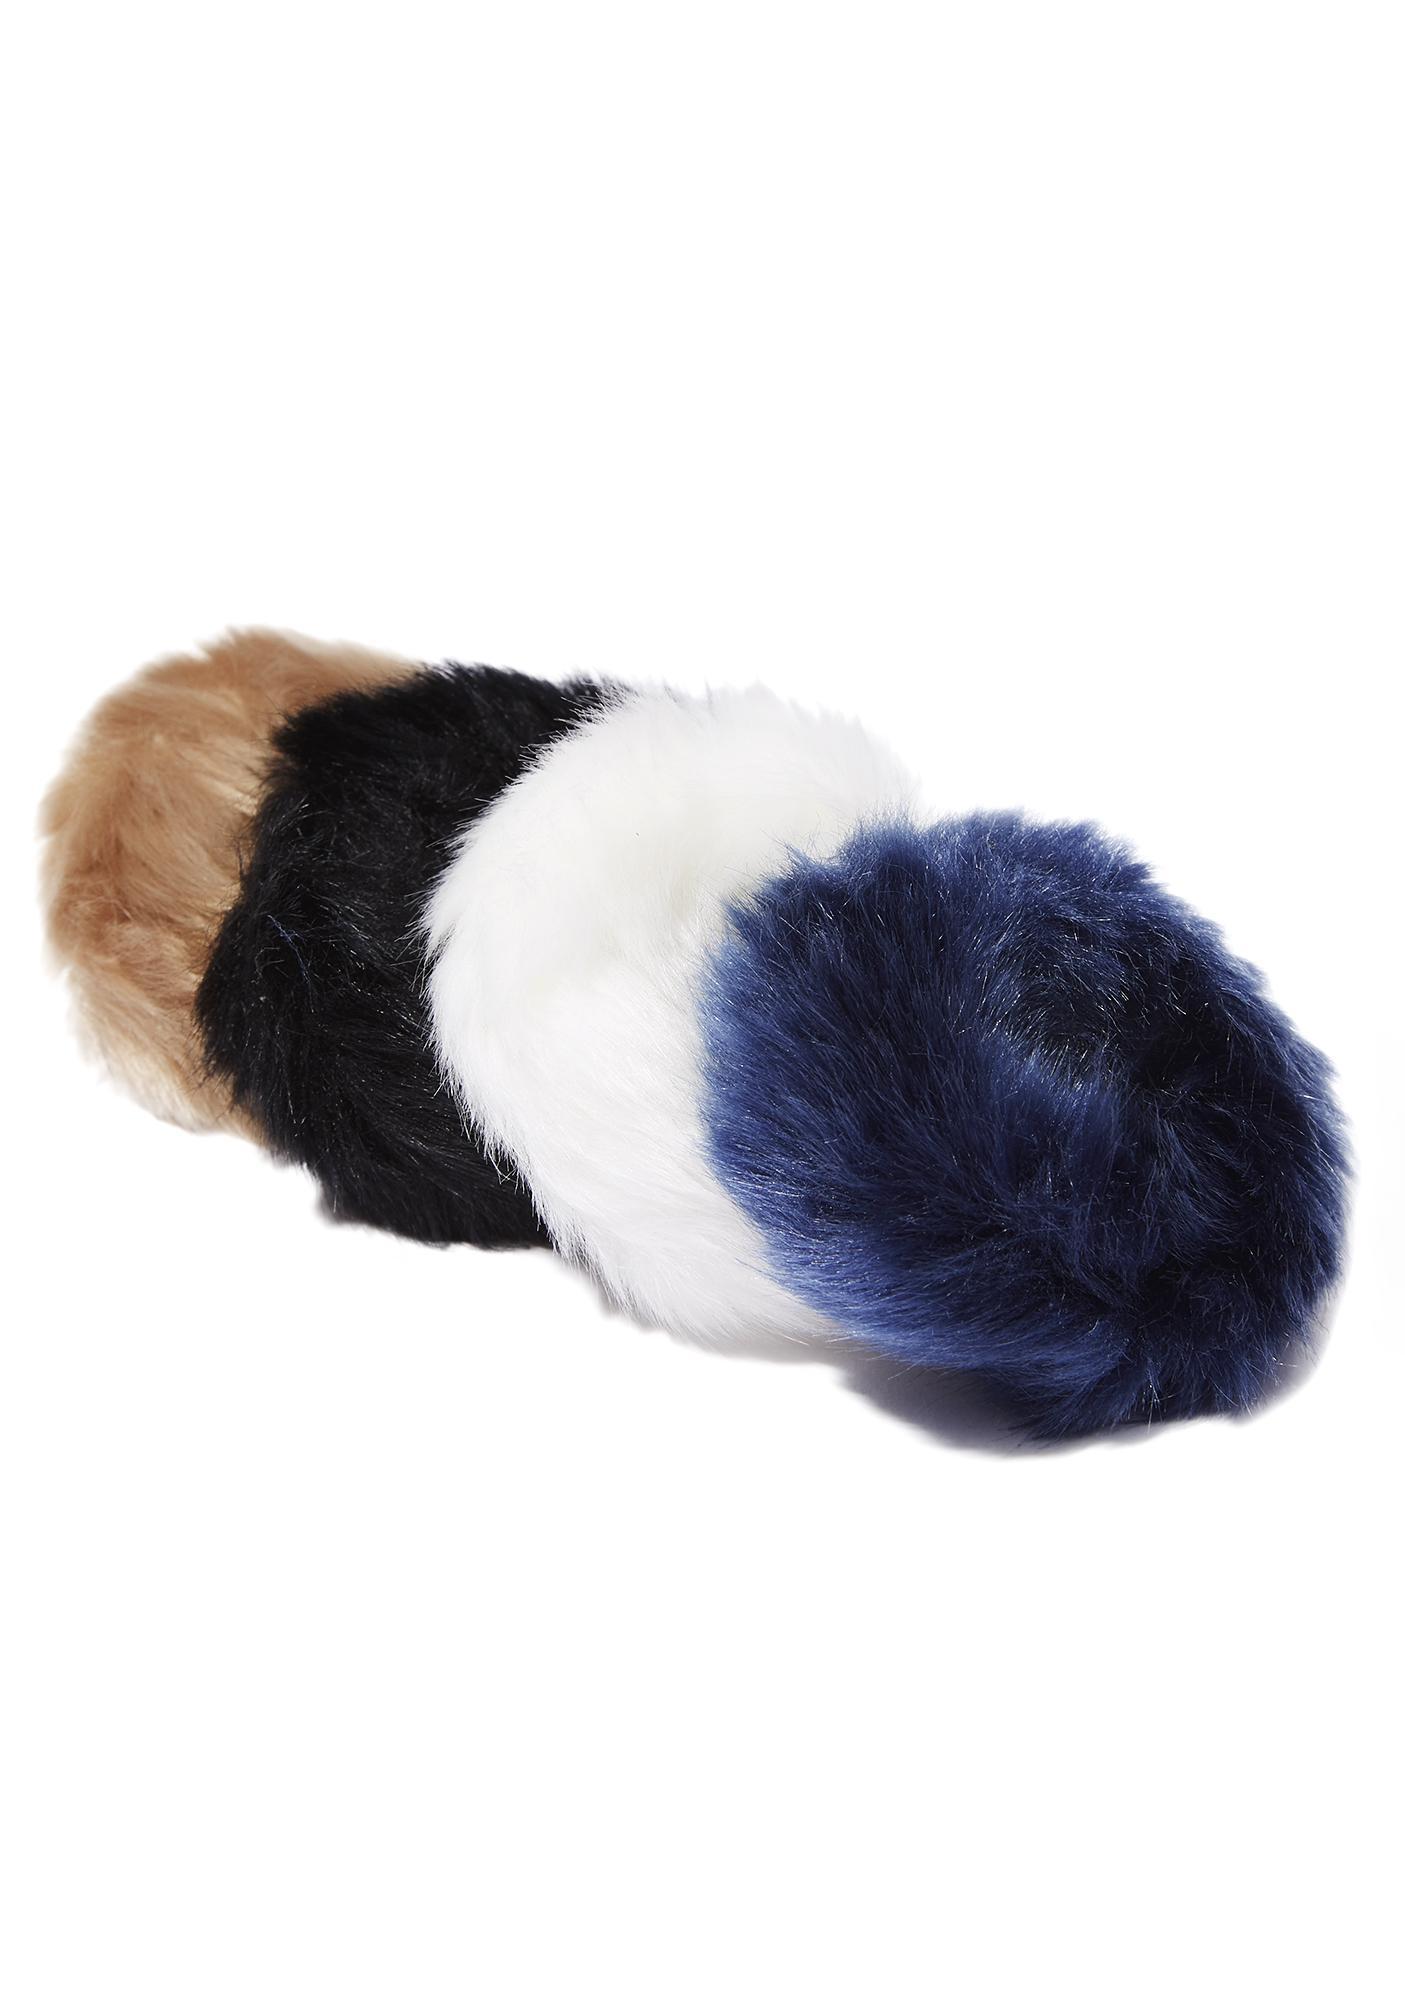 Fuzzy Scrunchies